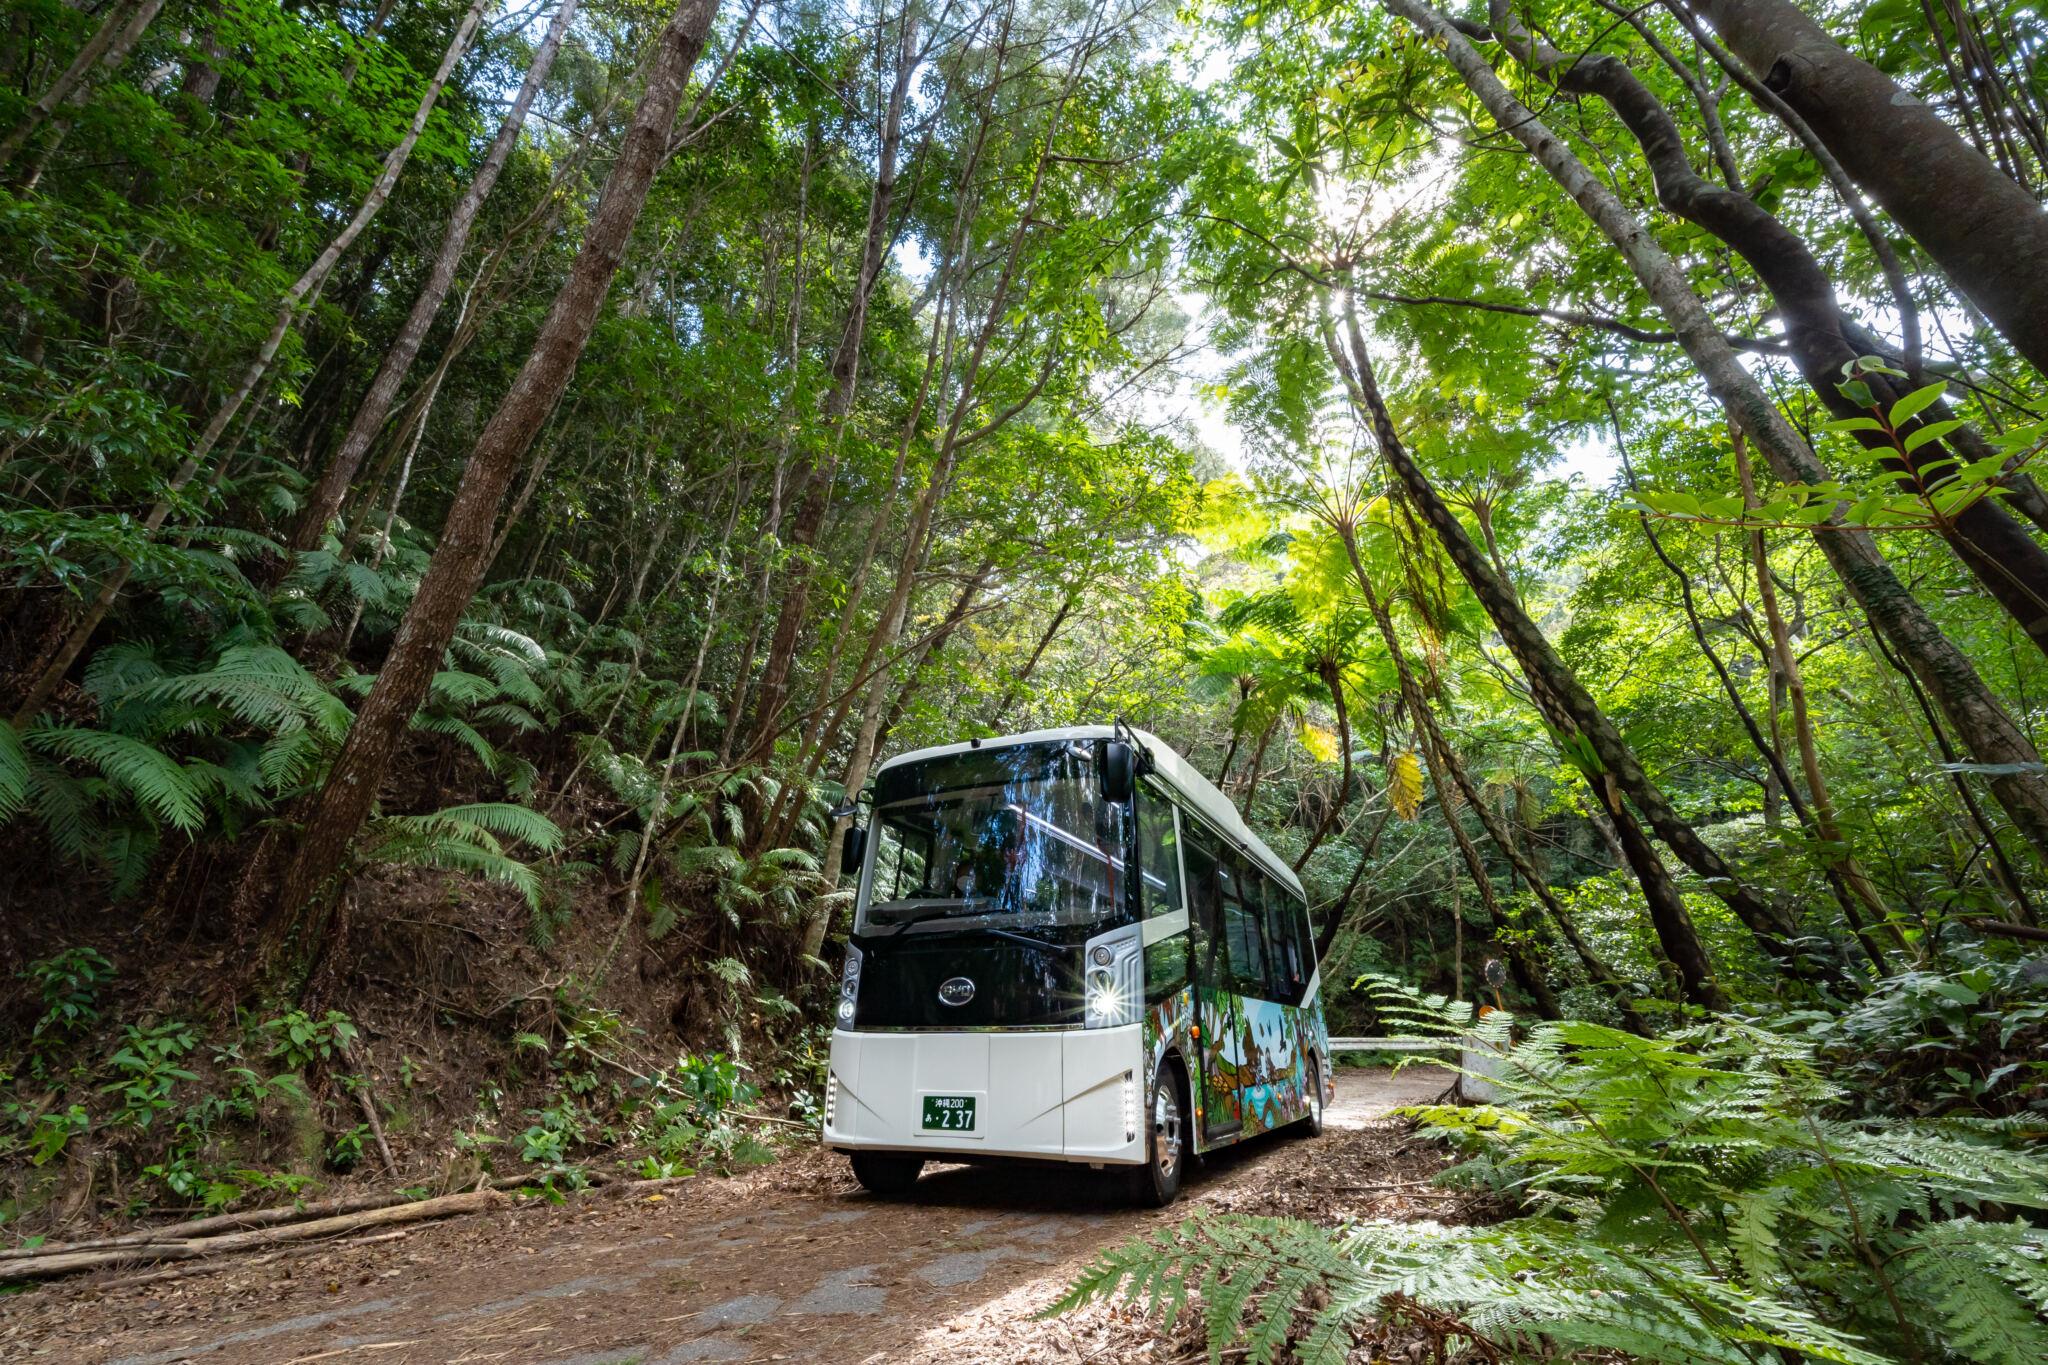 世界自然遺産やんばるの森を学べるツアーで地域を元気に